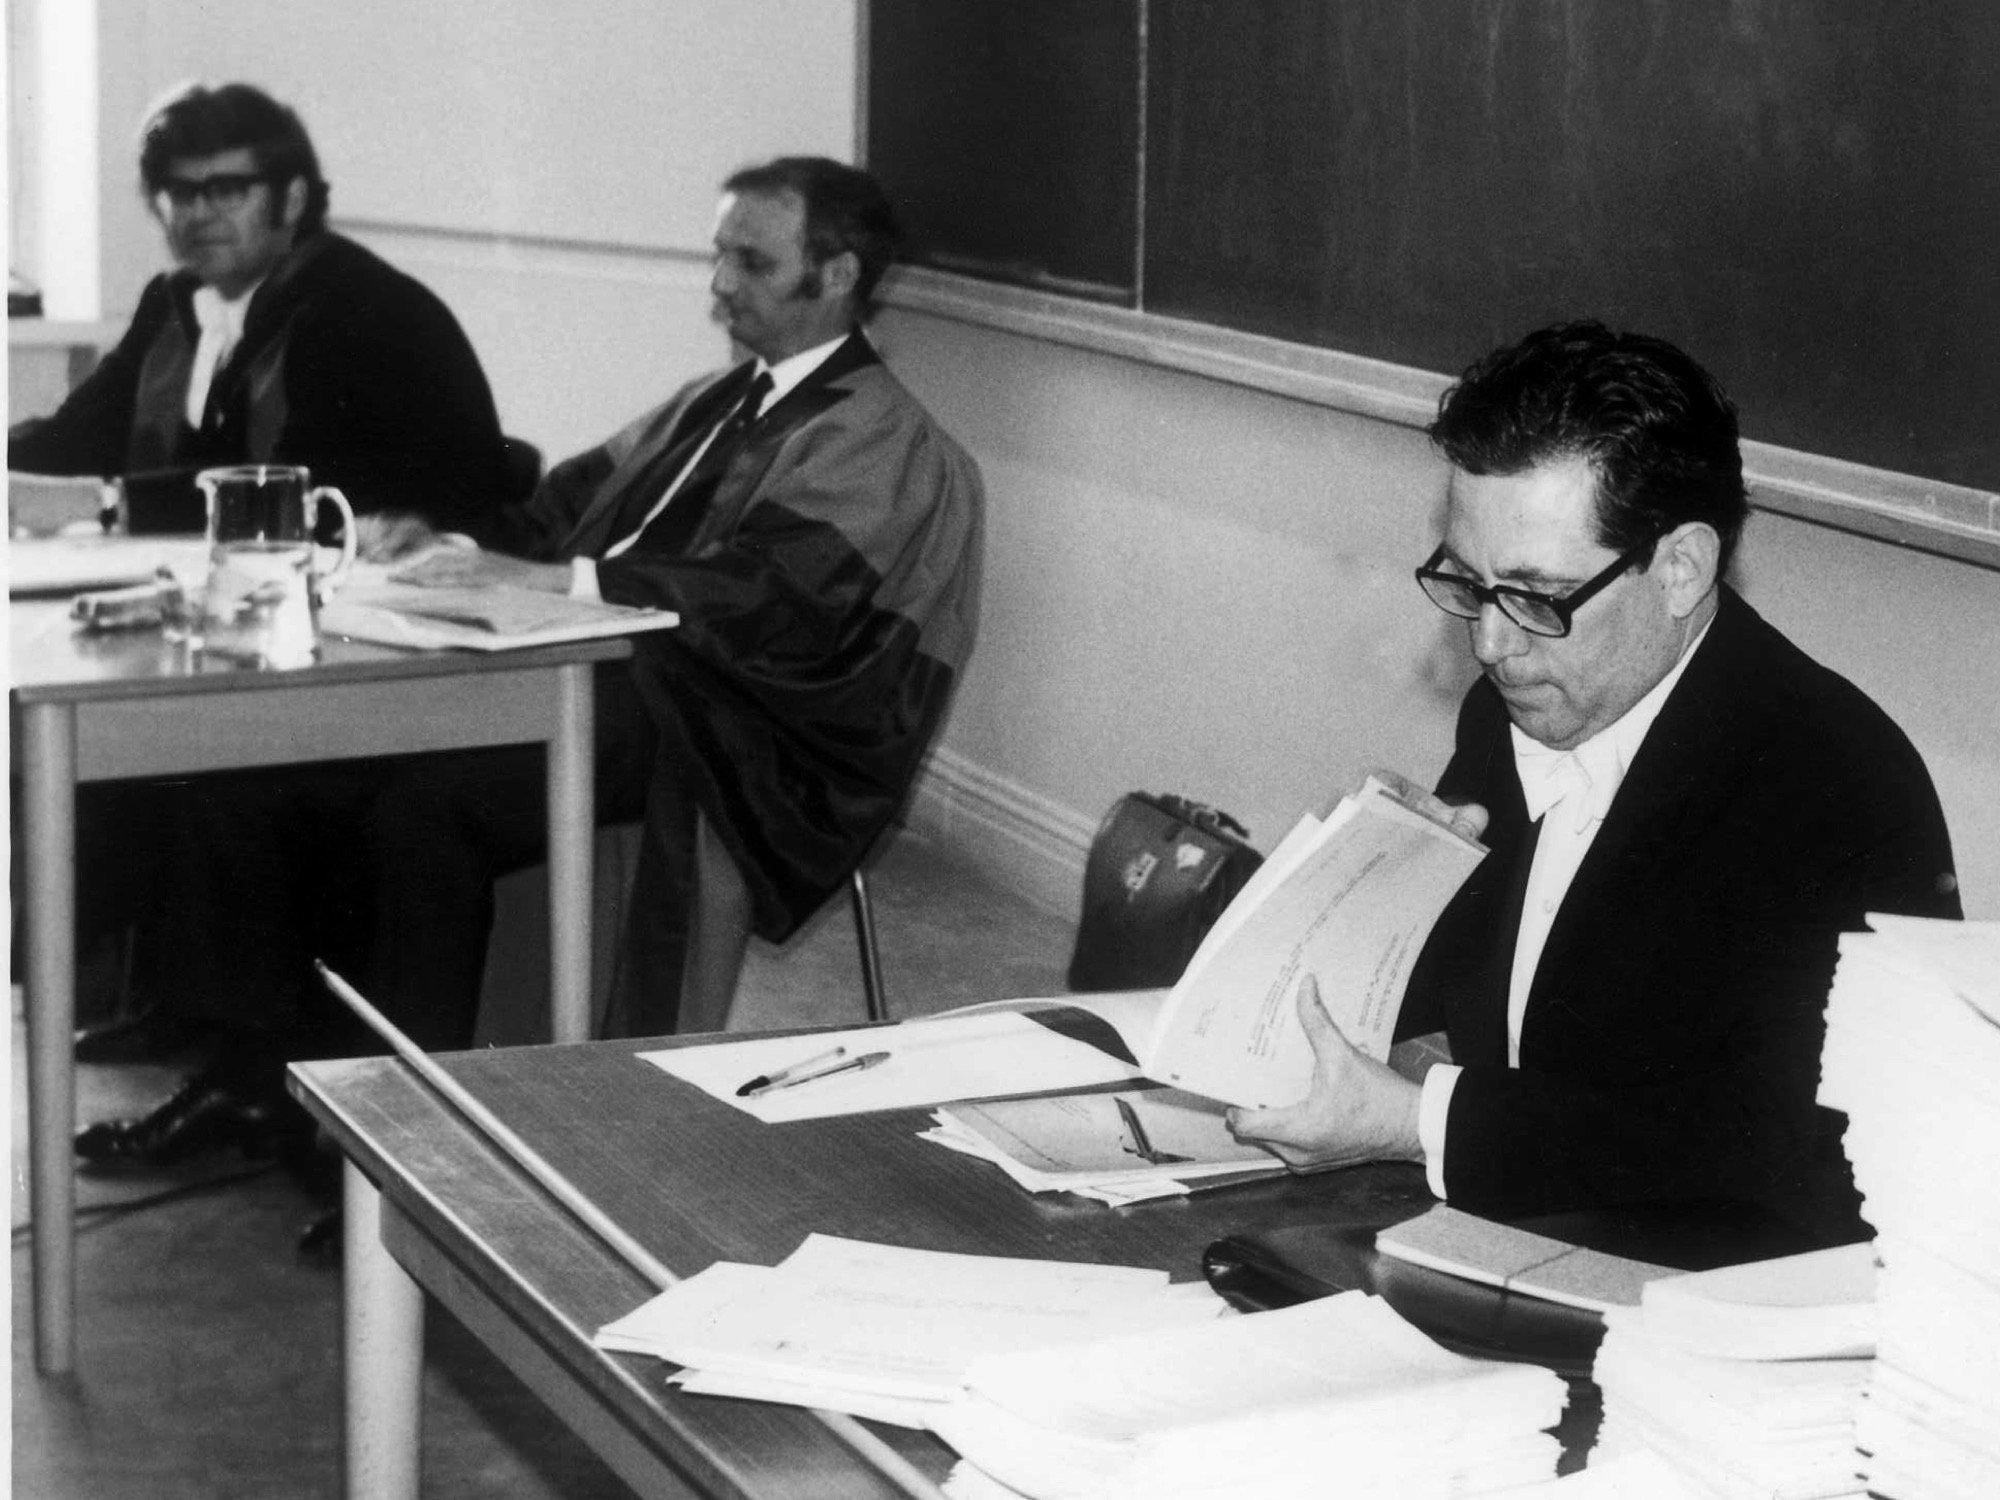 Aufnahme von Paul Crutzen (rechts) bei seiner Dissertationsprüfung. Einen Tisch weiter sitzen zwei weitere Männer.